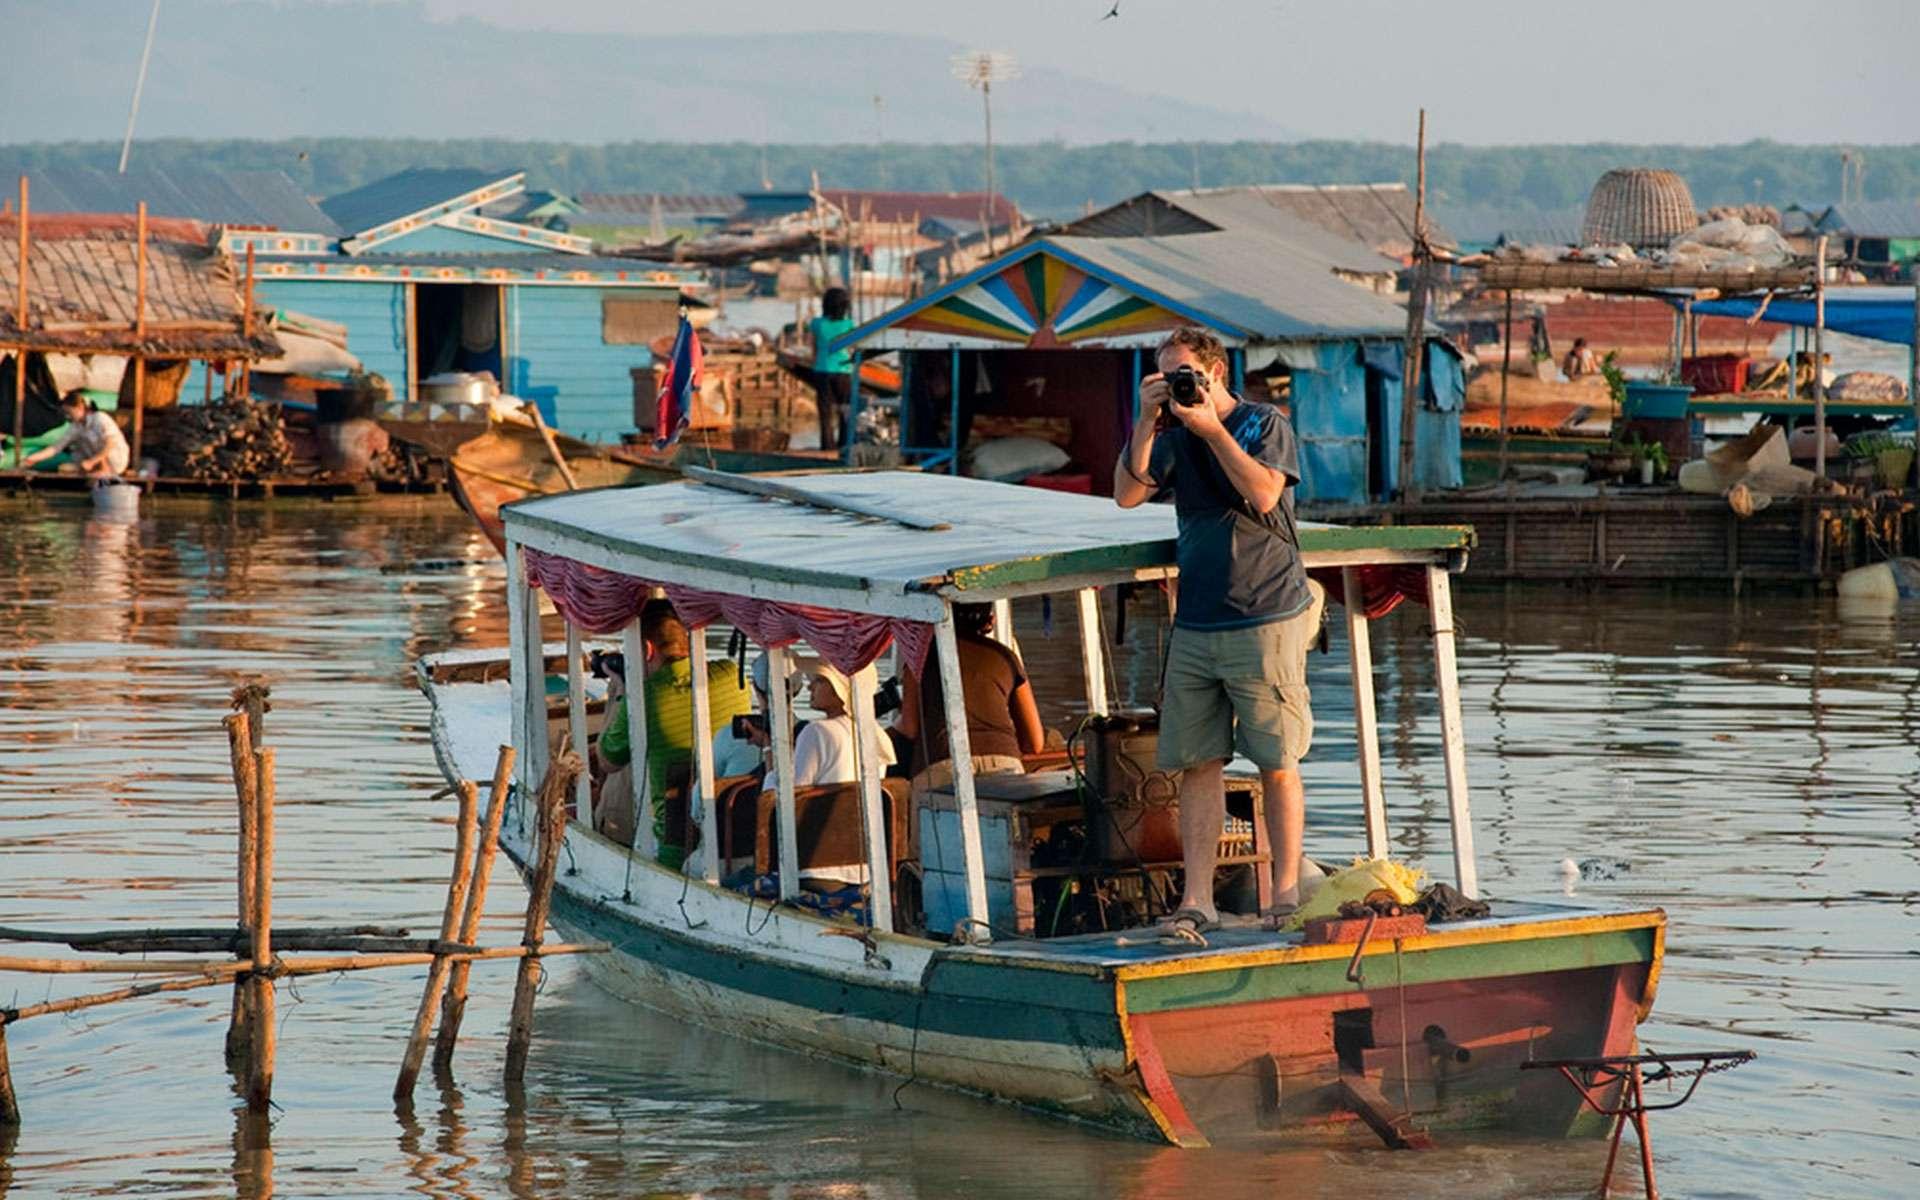 visit Tonle Sap Lake in September